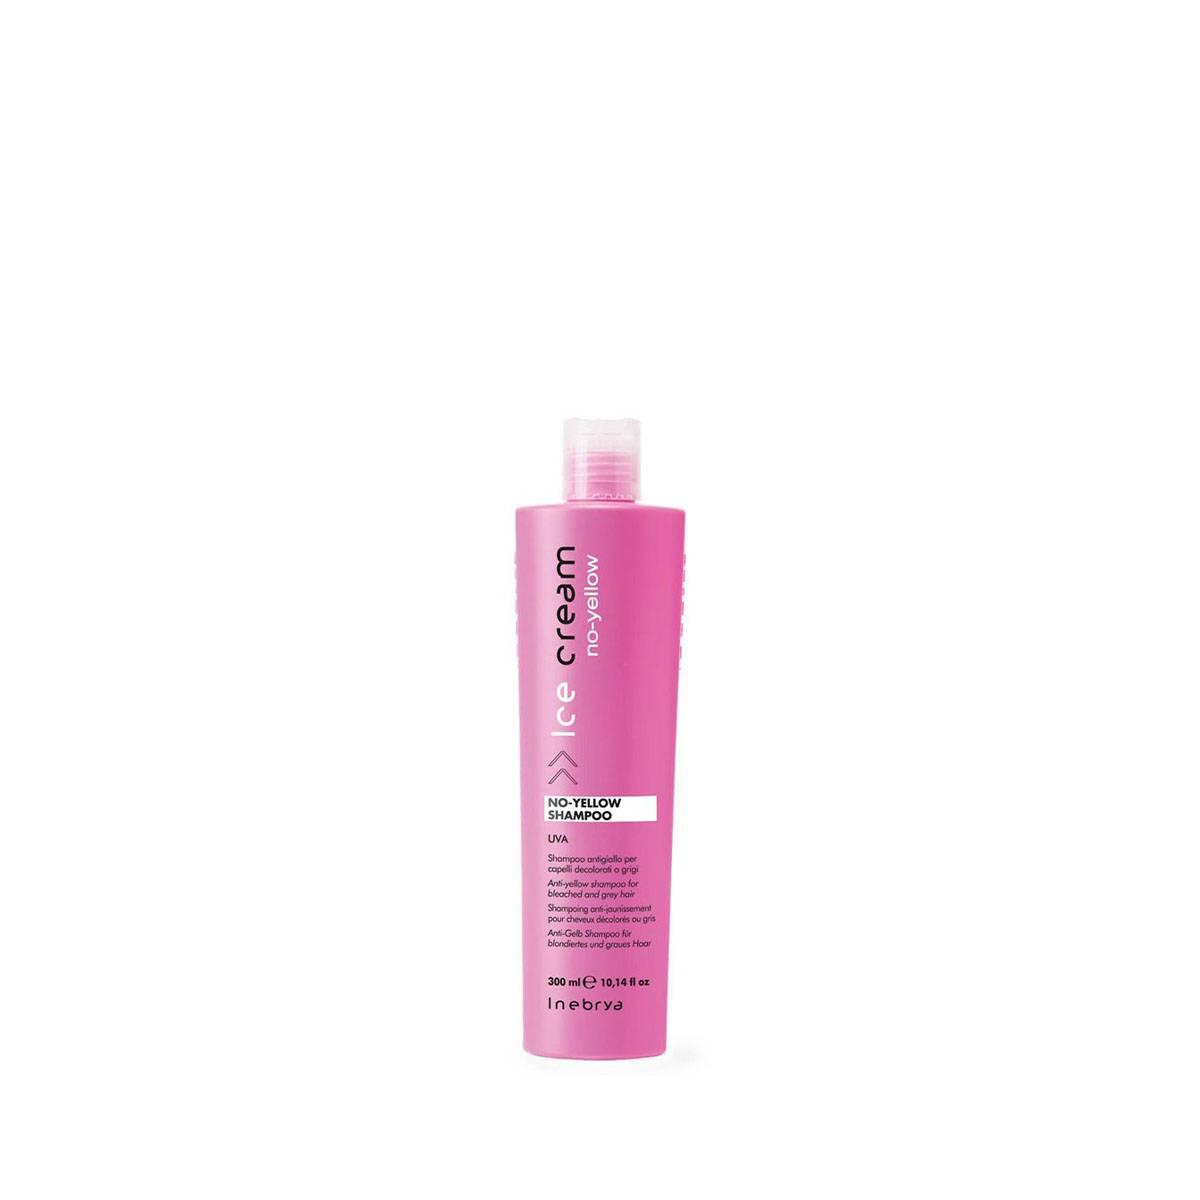 No yellow shampoo 300 ml uva capelli decolorati o grigi ANTIGIALLO